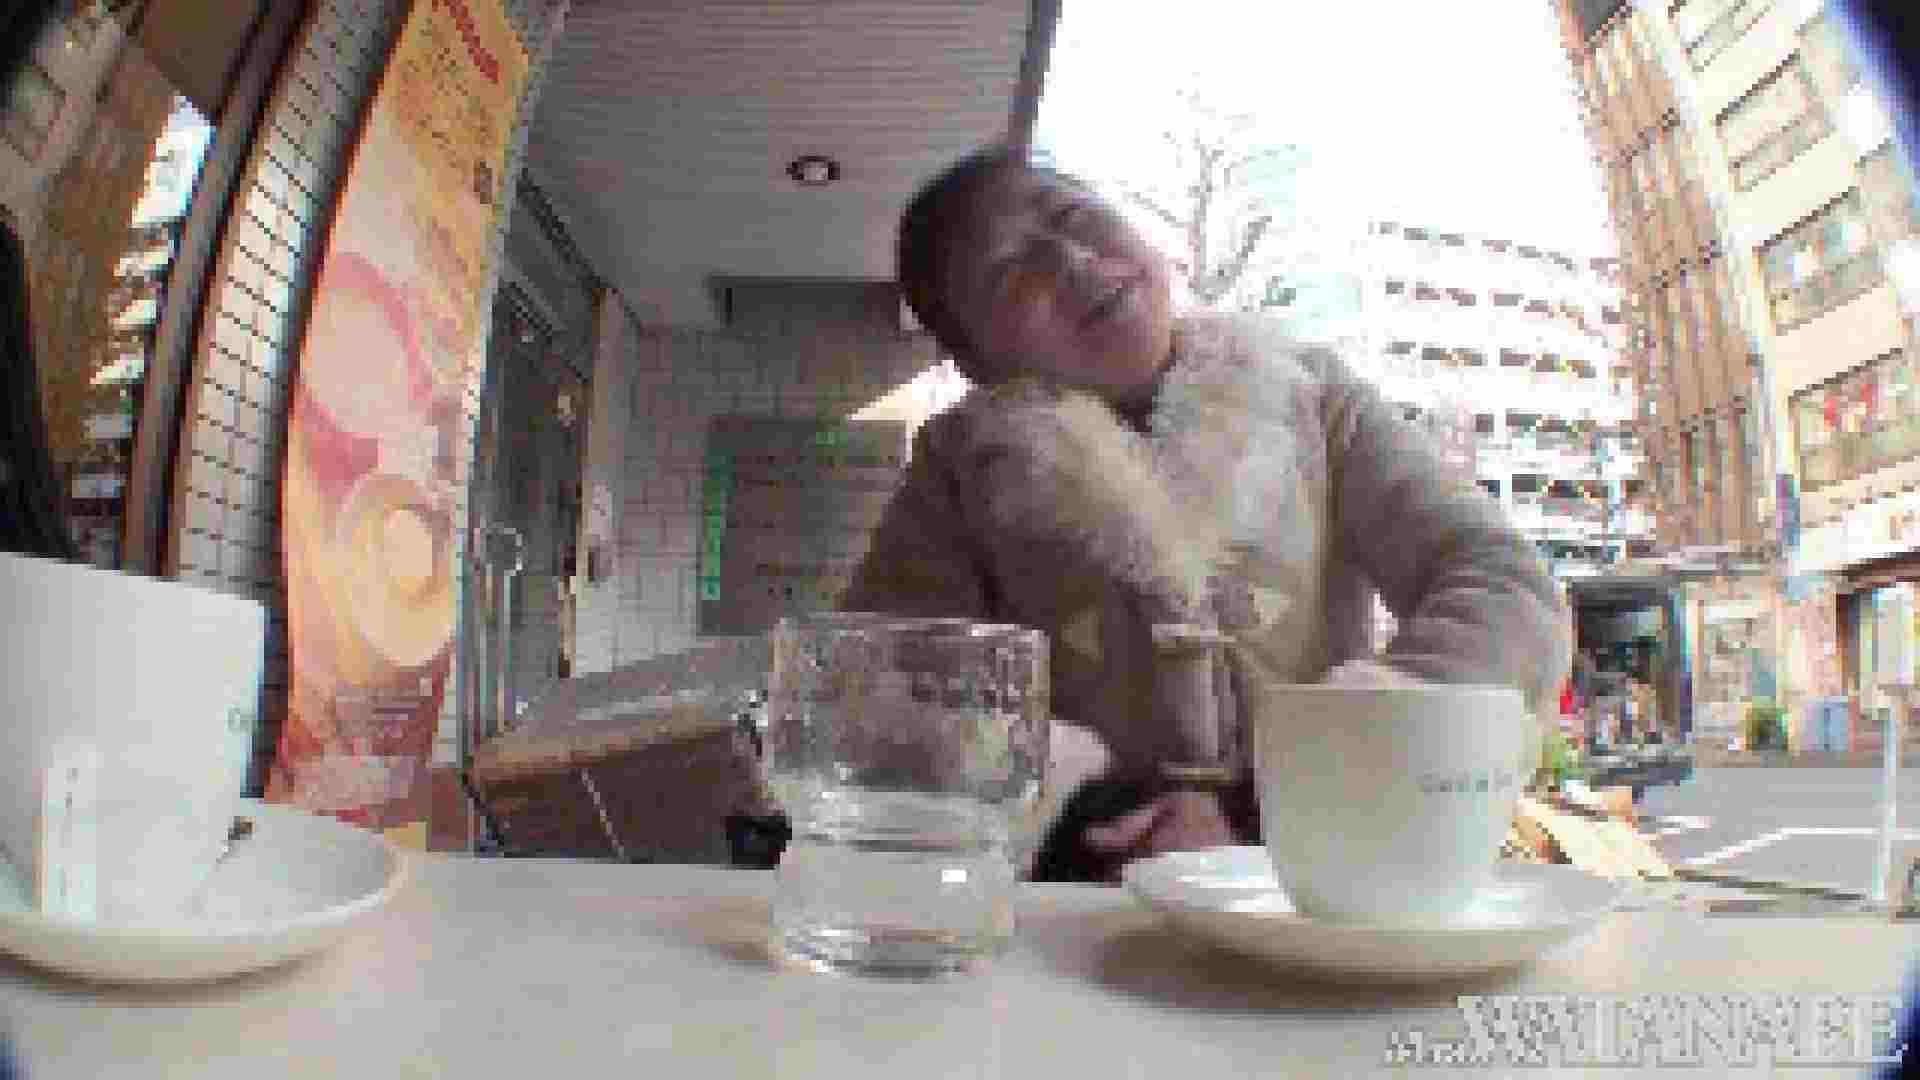 撮影スタッフを誘惑する痴熟女 かおり40歳 Vol.01 OLのエッチ オマンコ動画キャプチャ 73pic 66